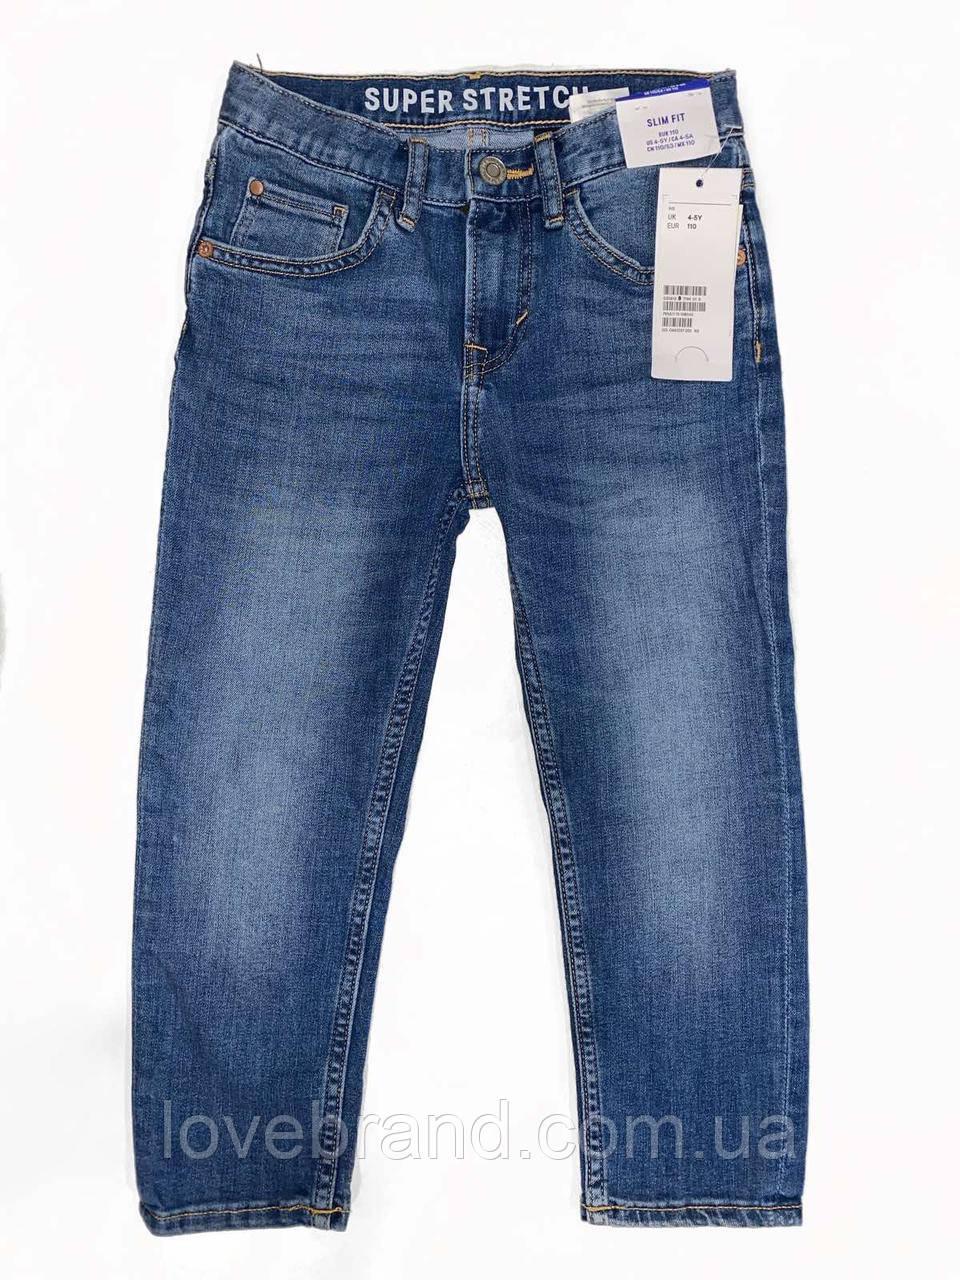 Джинсы для мальчика H&M  суперсофт синие